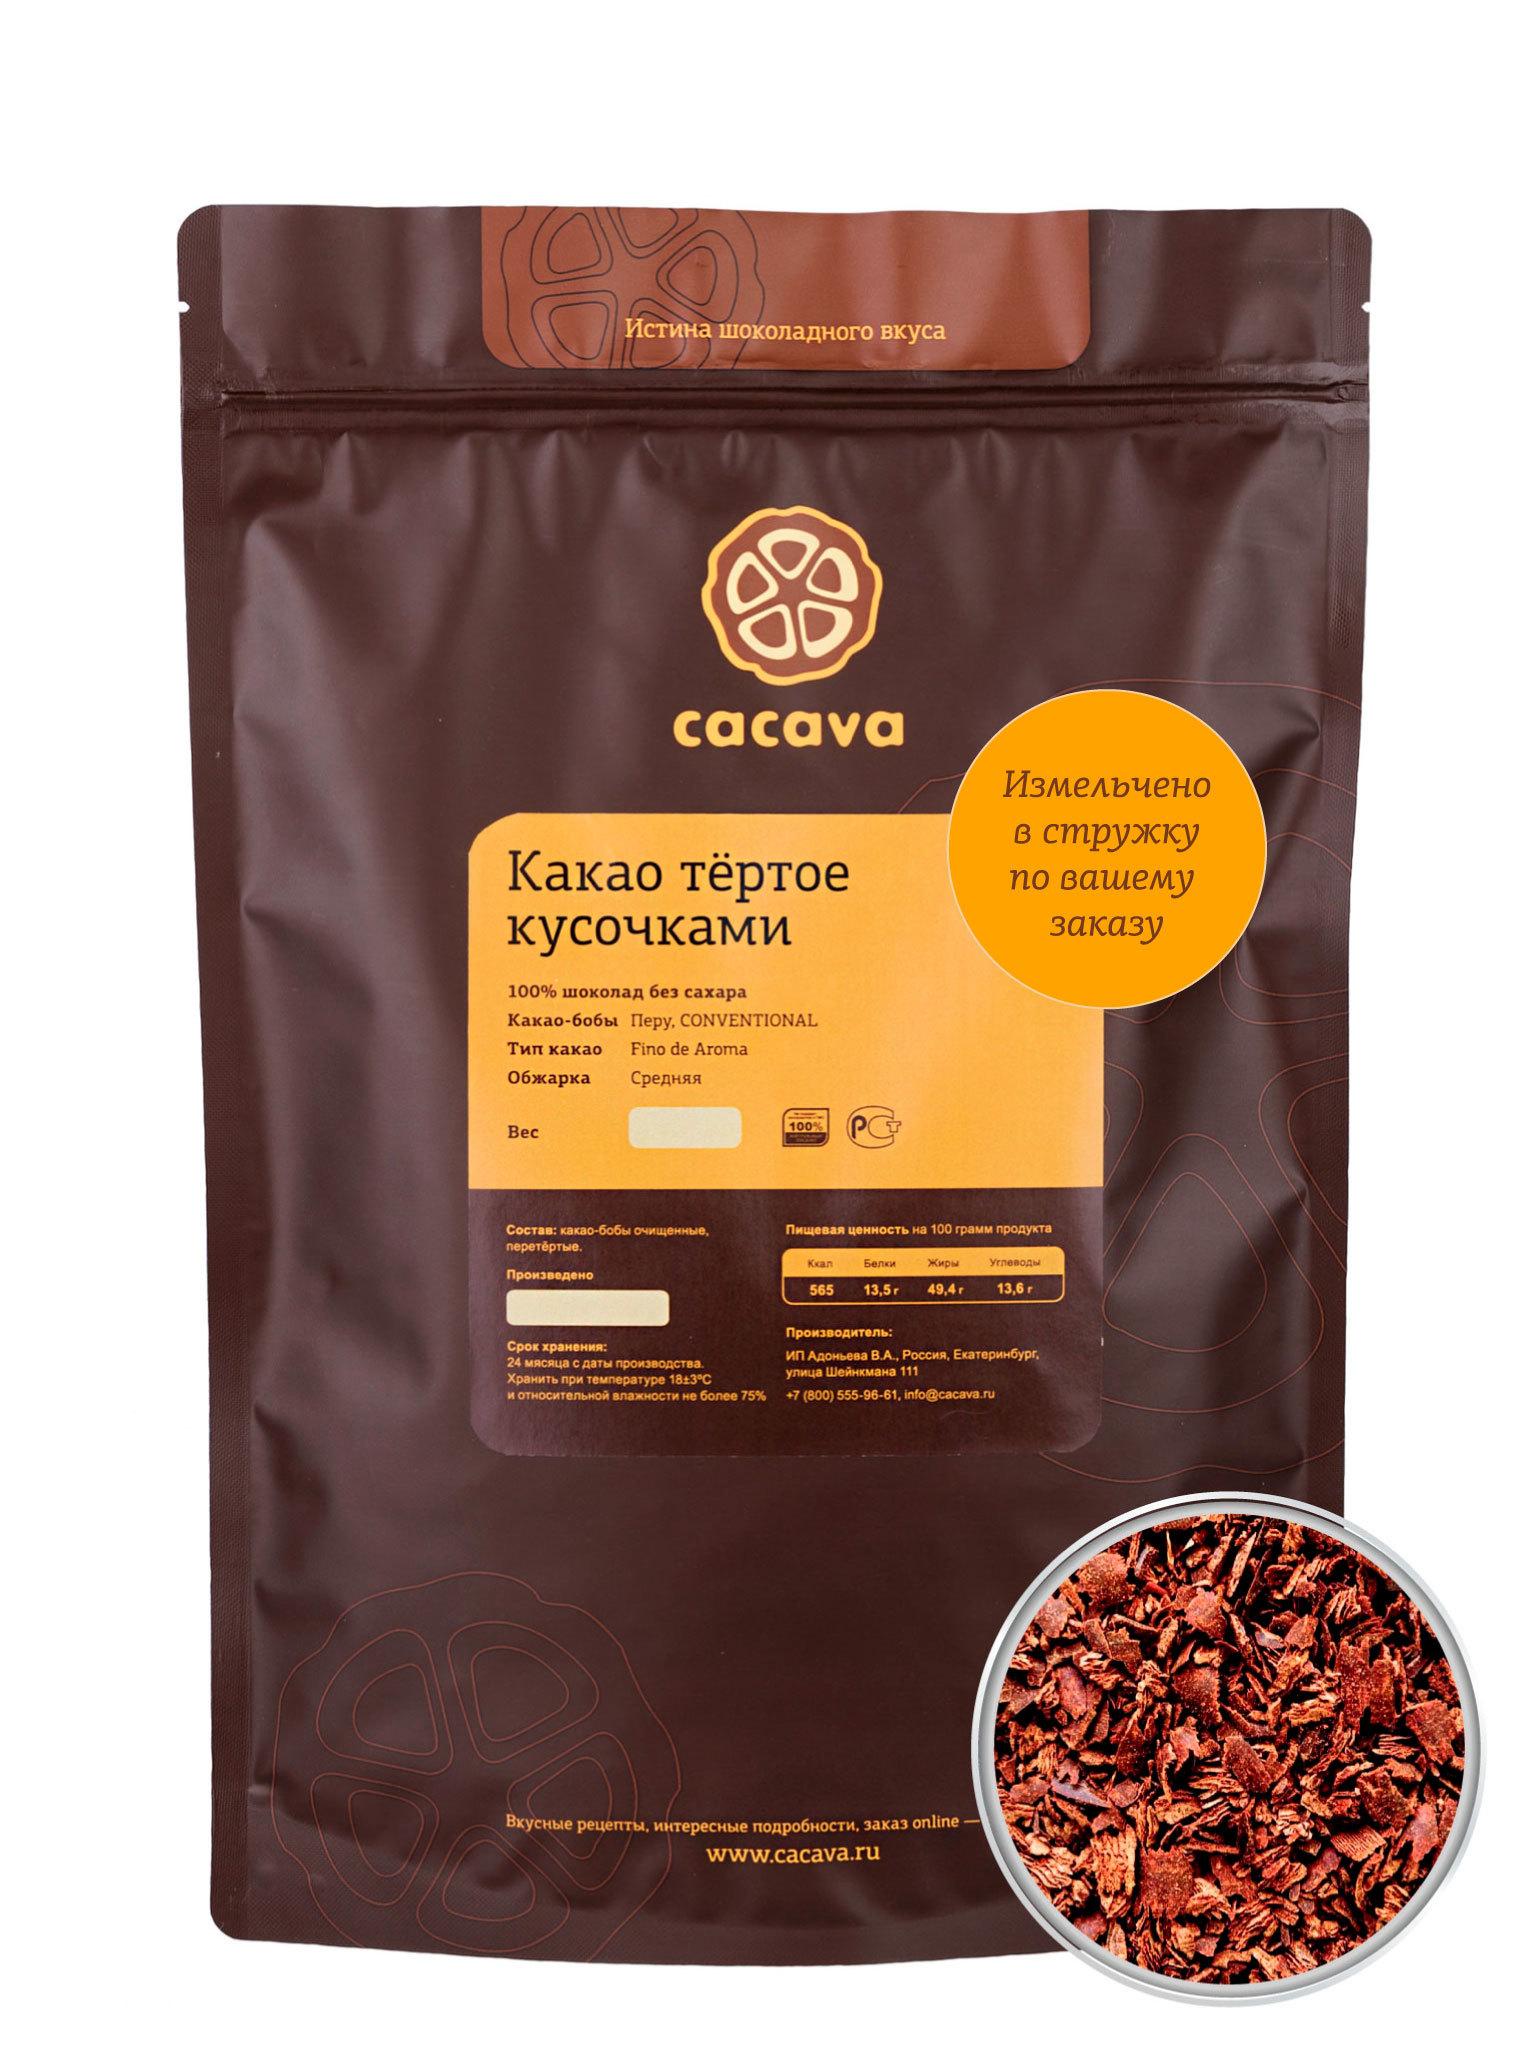 Какао тёртое в стружке (Перу, Conventional), упаковка 1 кг